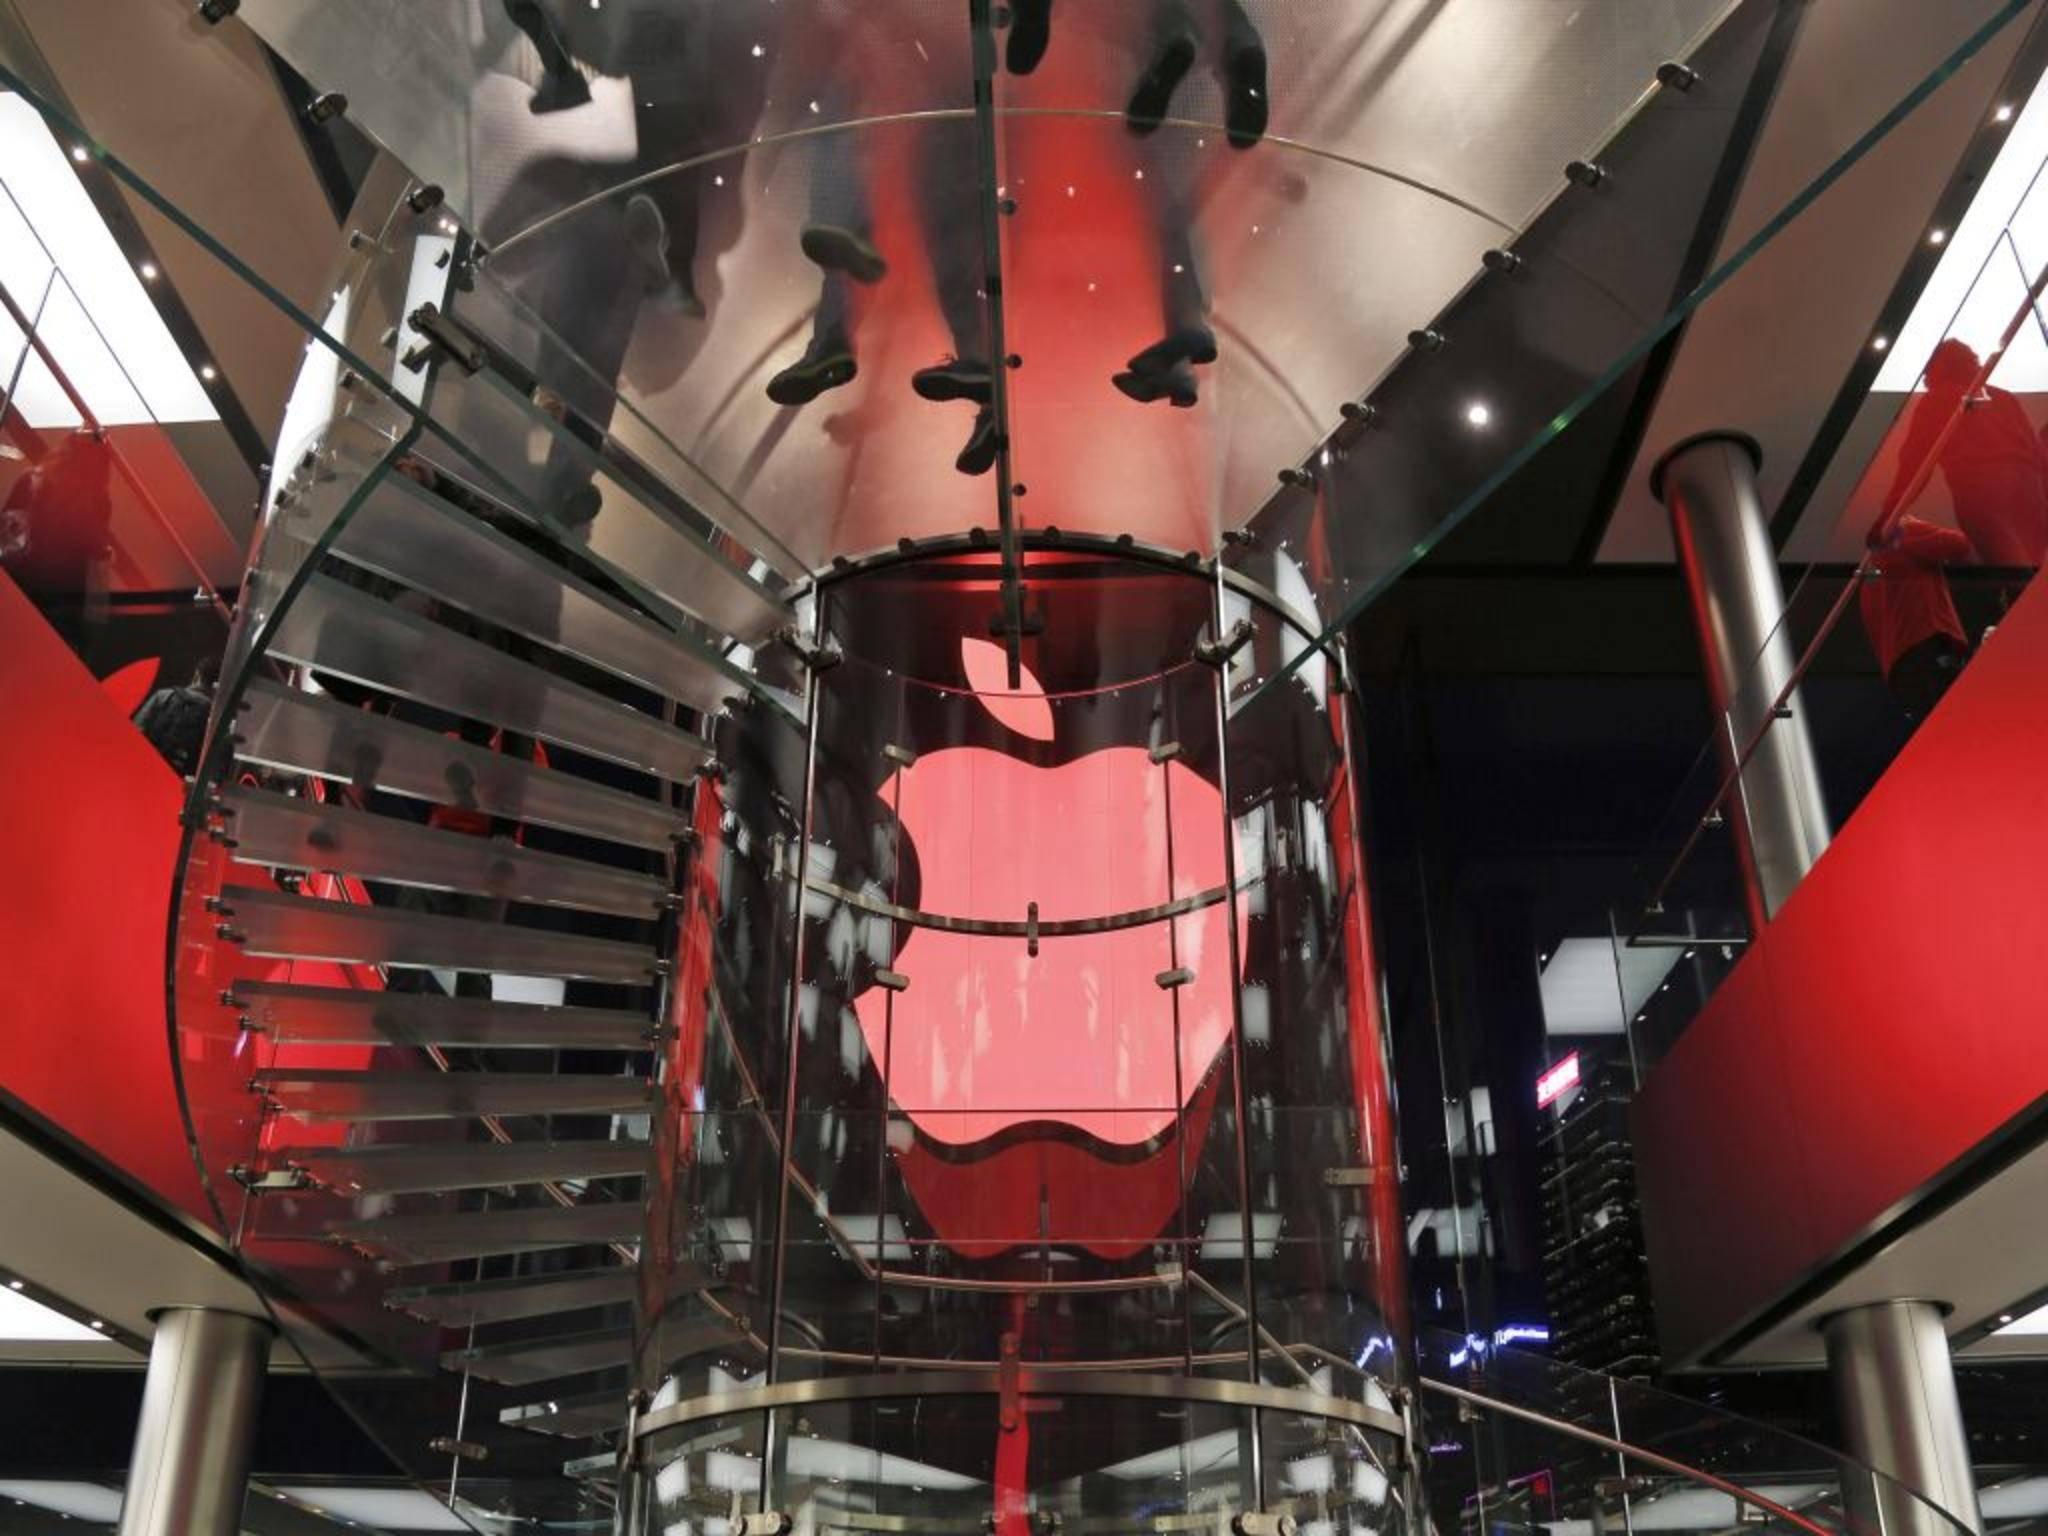 Zeichen setzen gegen Aids: Das Apple-Logo erstrahlt in knalligem Rot.